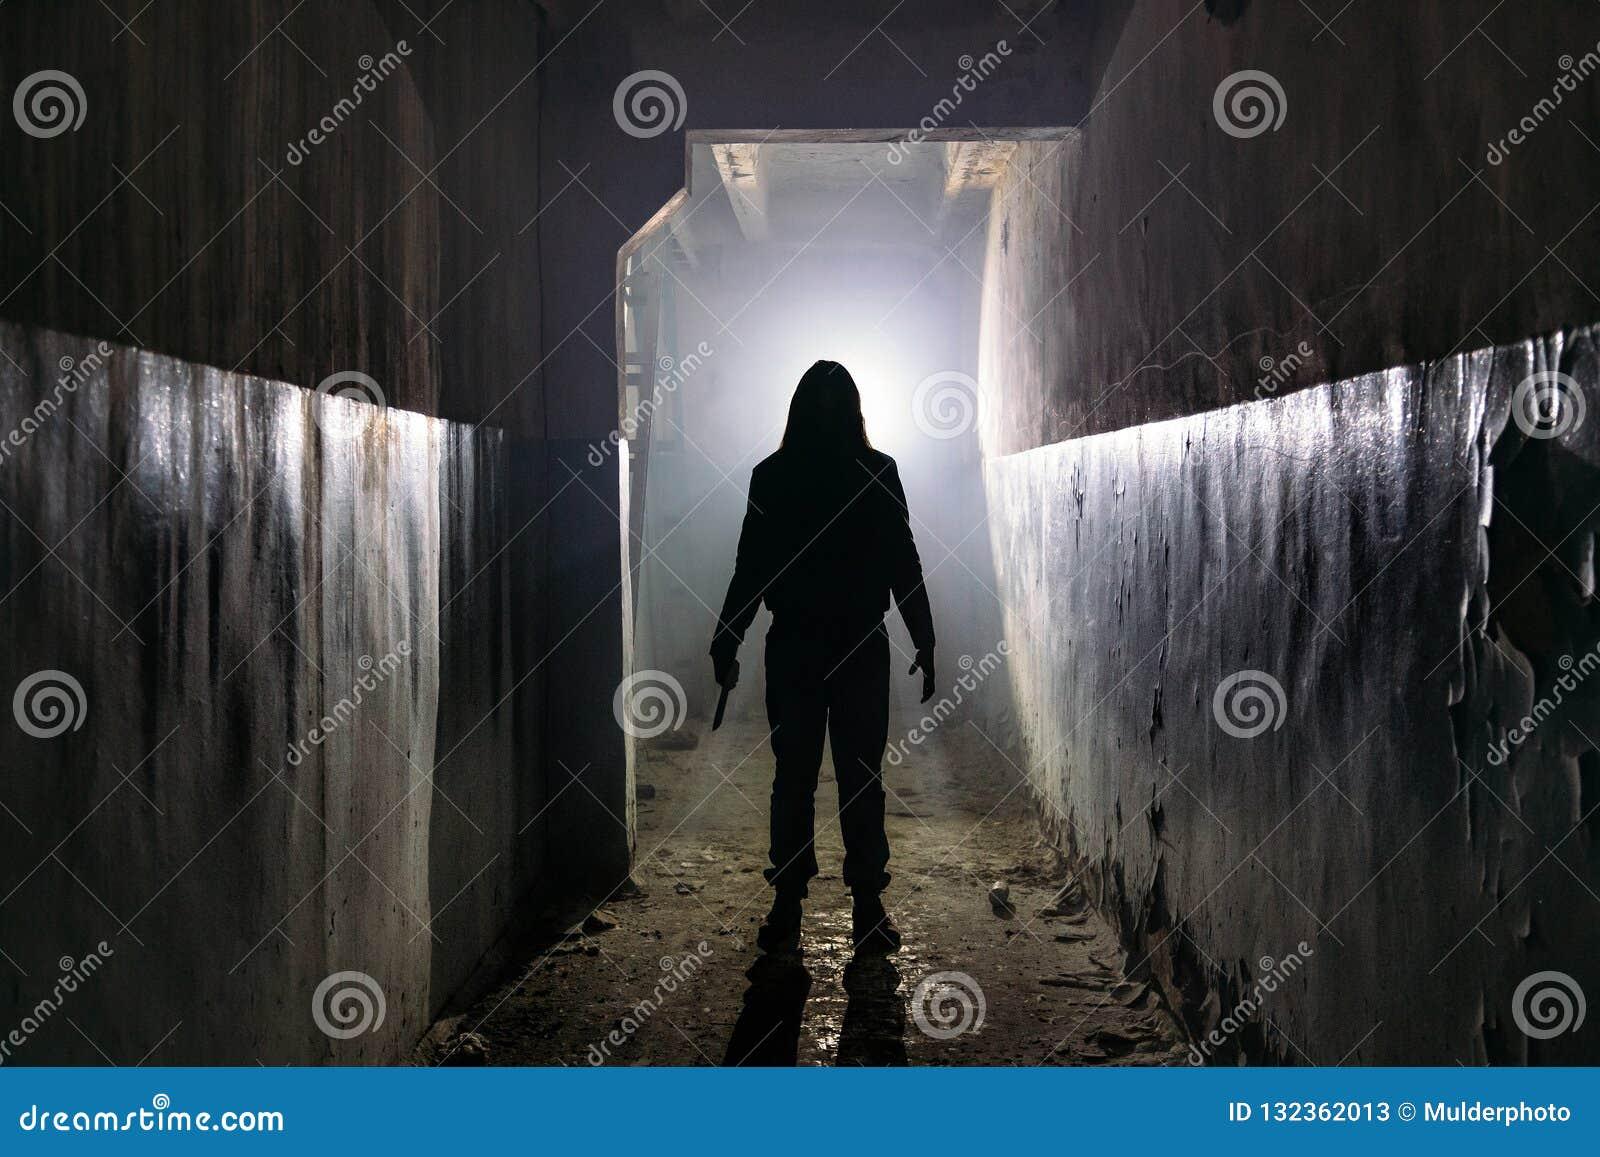 Silueta espeluznante del hombre desconocido con el cuchillo en el edificio abandonado oscuro Horror sobre concepto maniaco